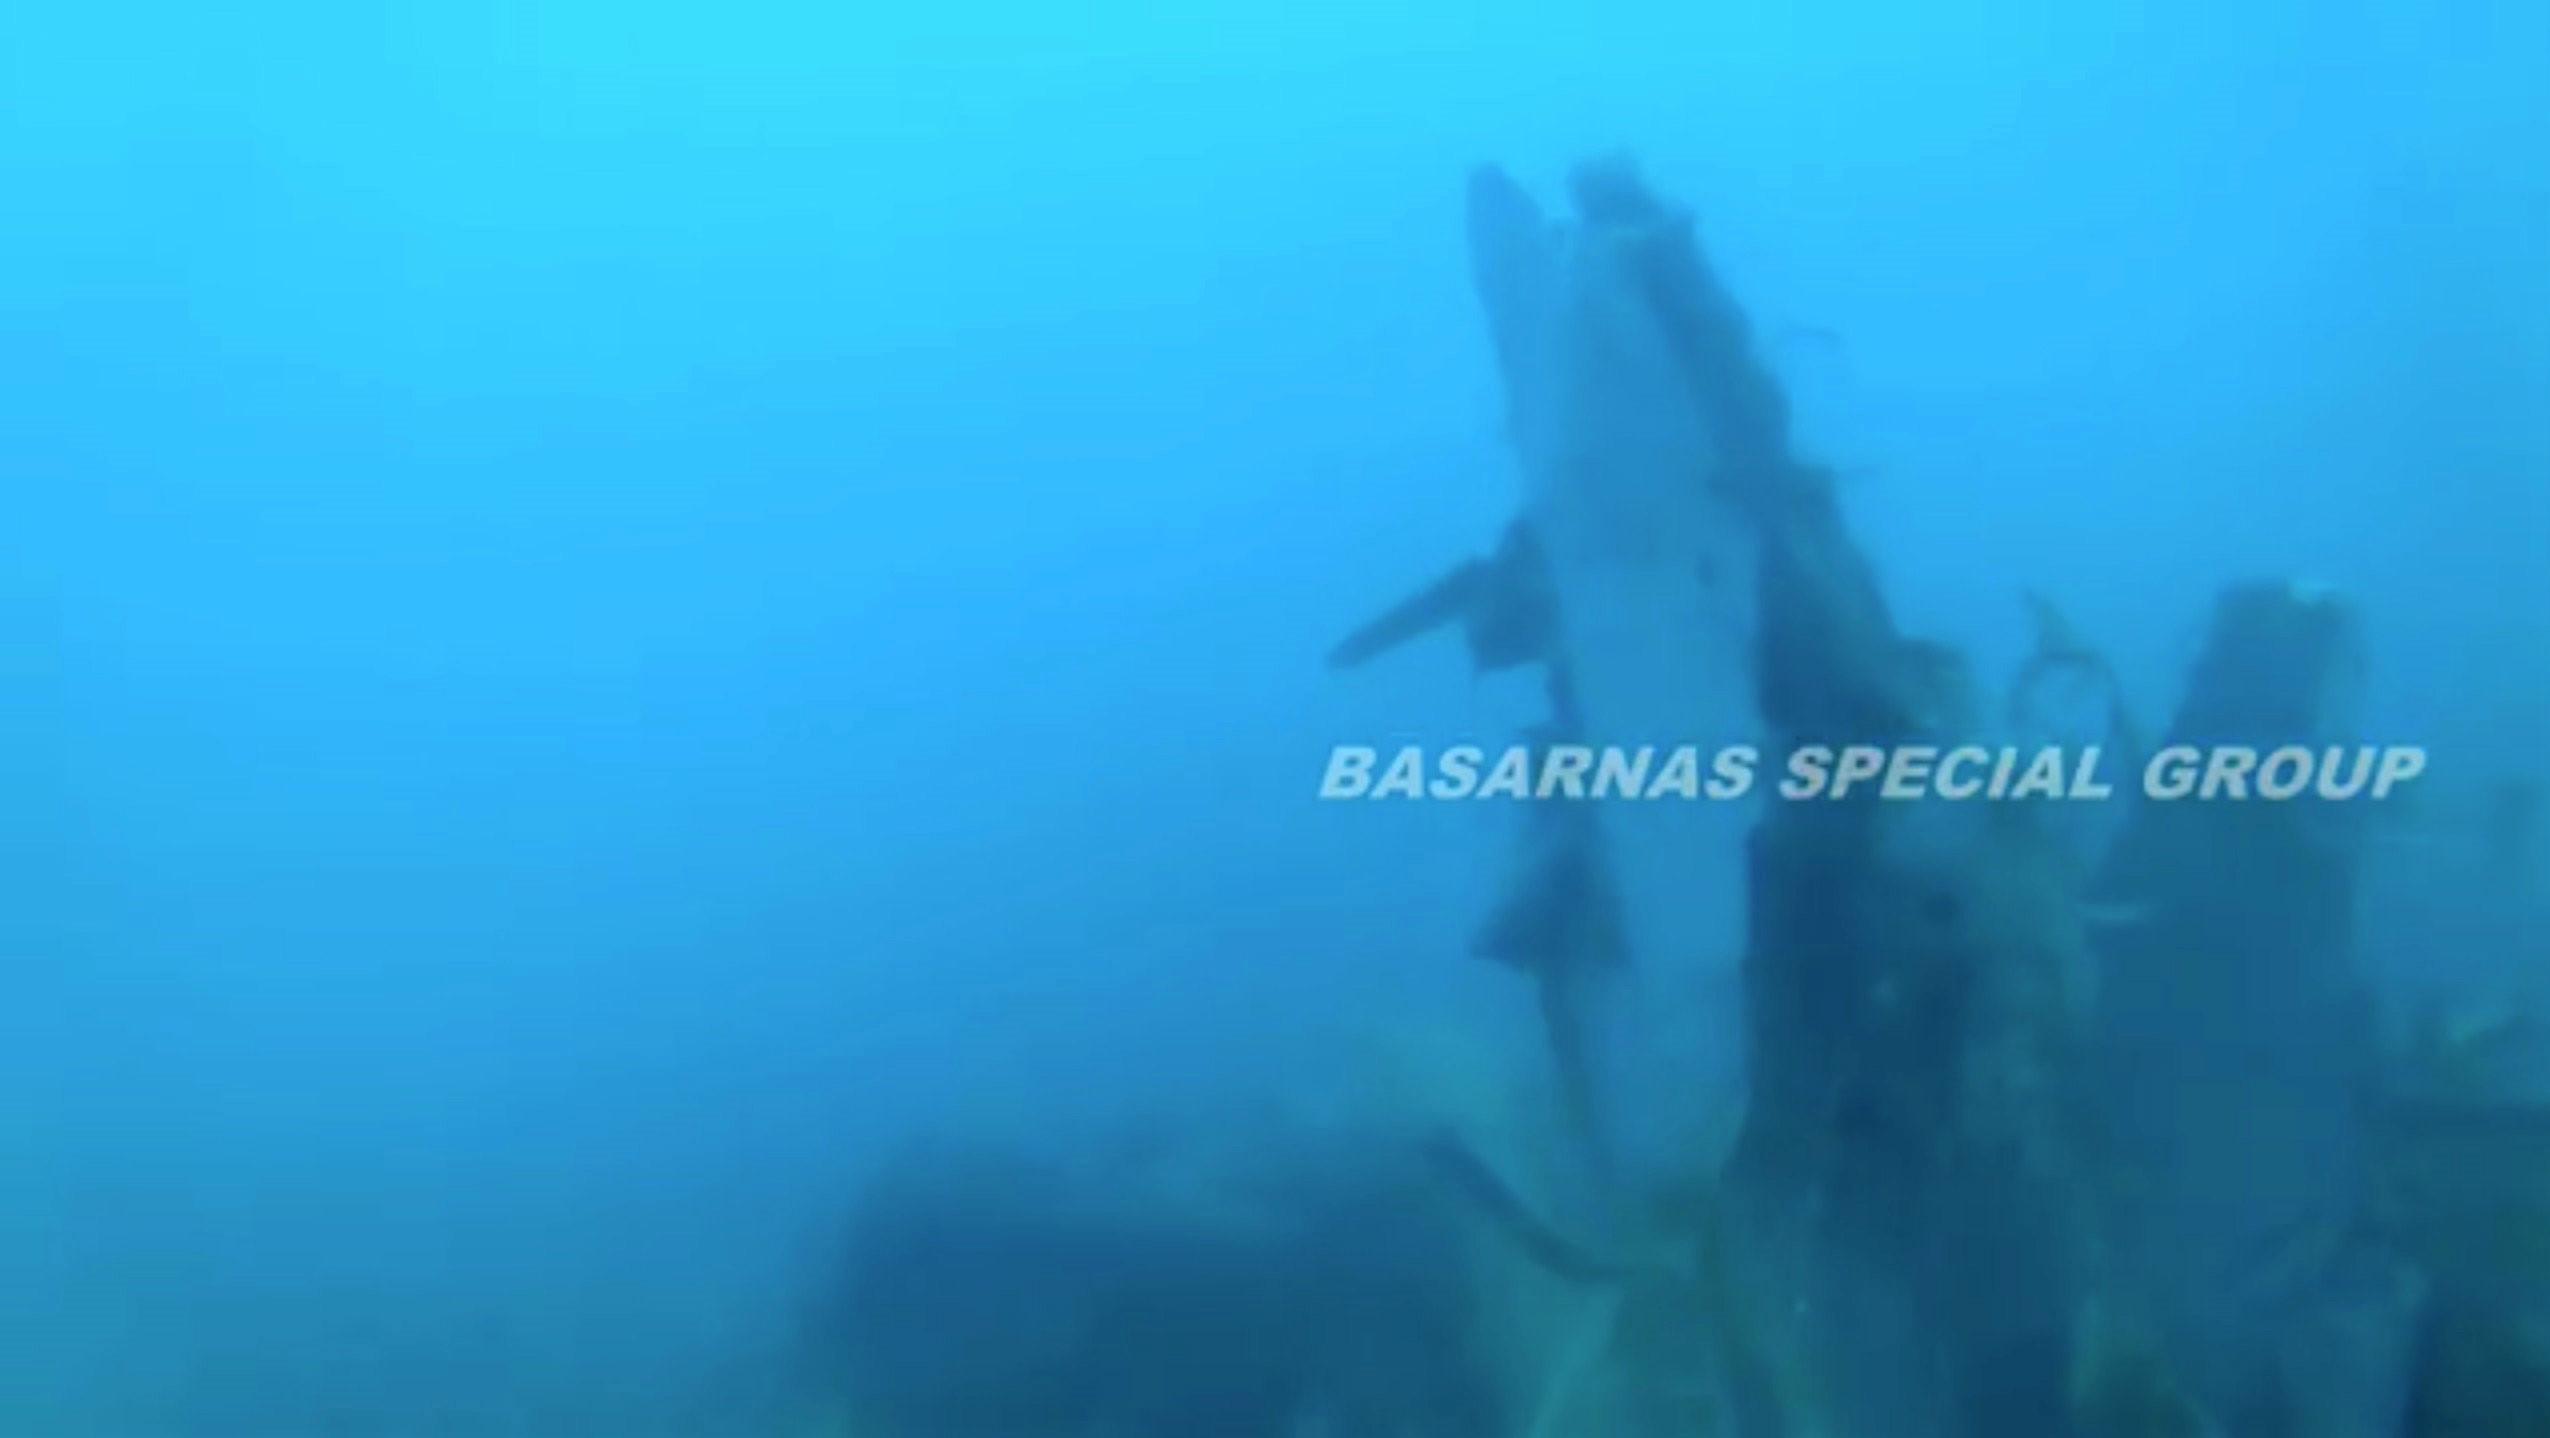 Rơi máy bay Indonesia: tìm thấy thân máy bay, nhưng một thợ lặn thiệt mạng Ảnh 1